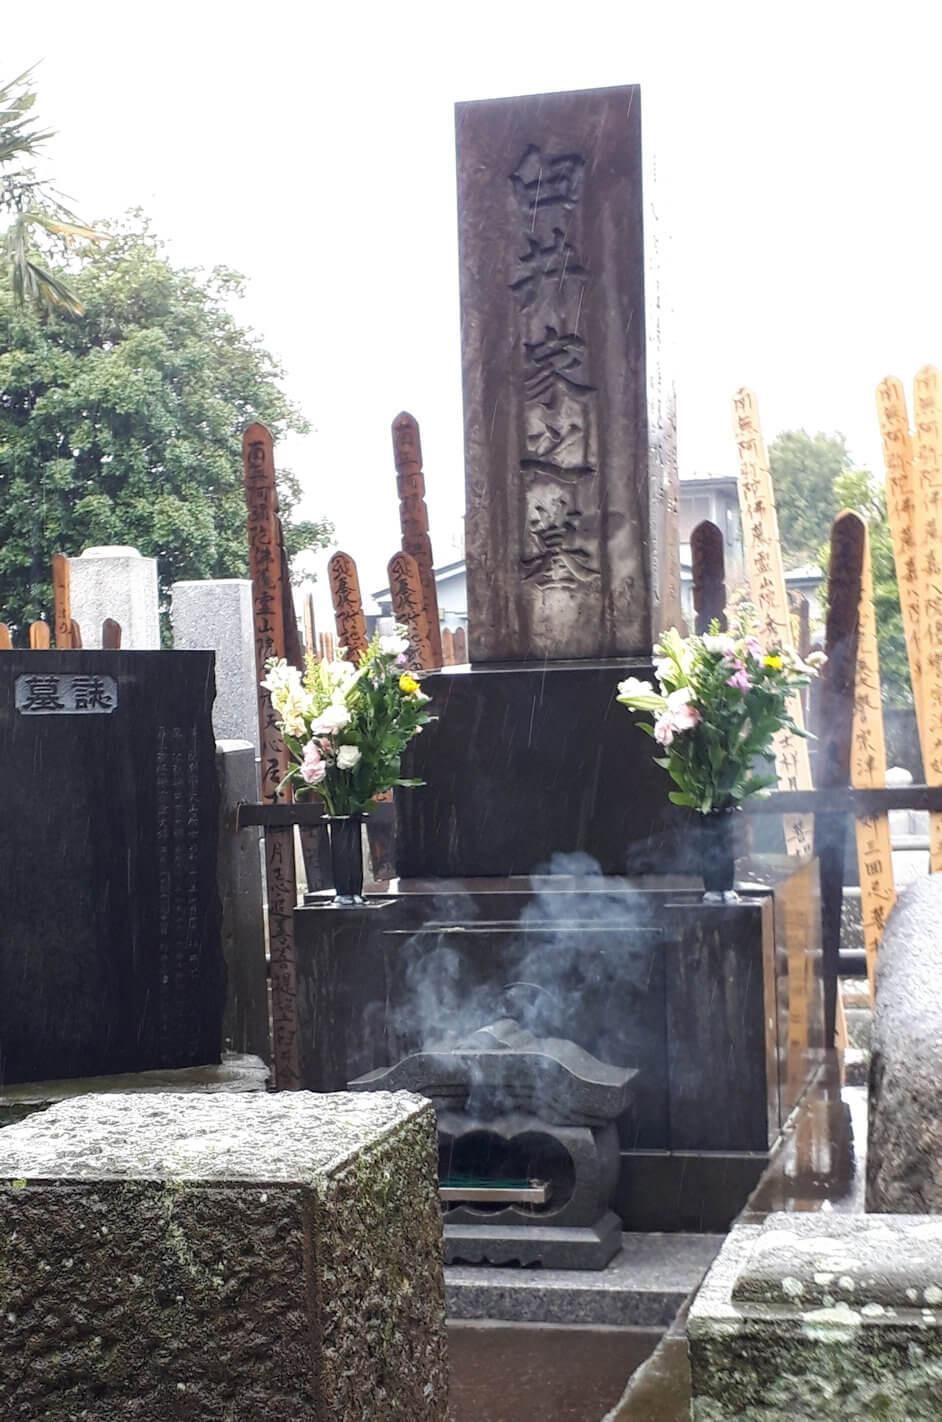 杉並区西方寺霊気肇祖臼井甕男先生のお墓-遠景